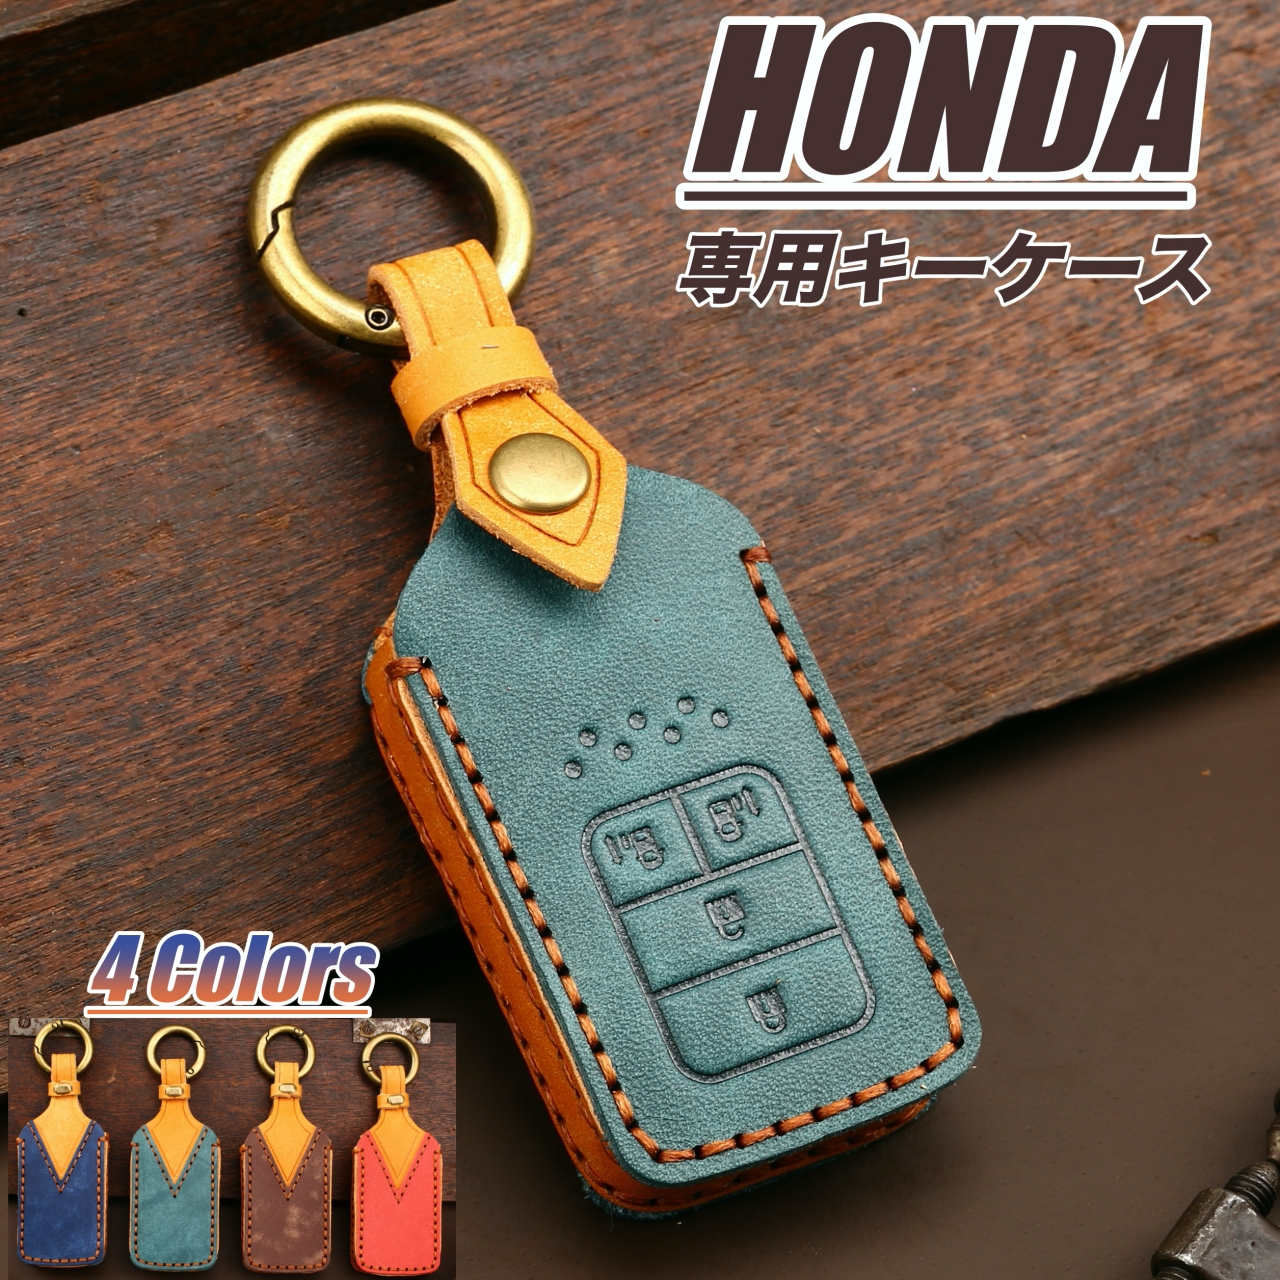 新型フリード フィット オデッセイ ステップワゴン 本革キーケース スマートキーケース ホンダ フリード ヴェゼル プレミアム 本革 キーケース メンズ プレゼント Honda スマートキーカバー ギフ_包装 売り込み レディース 納車祝い リレーアタック非対応 車の鍵 2ボタン キーカバー 鍵 4ボタン レトロ